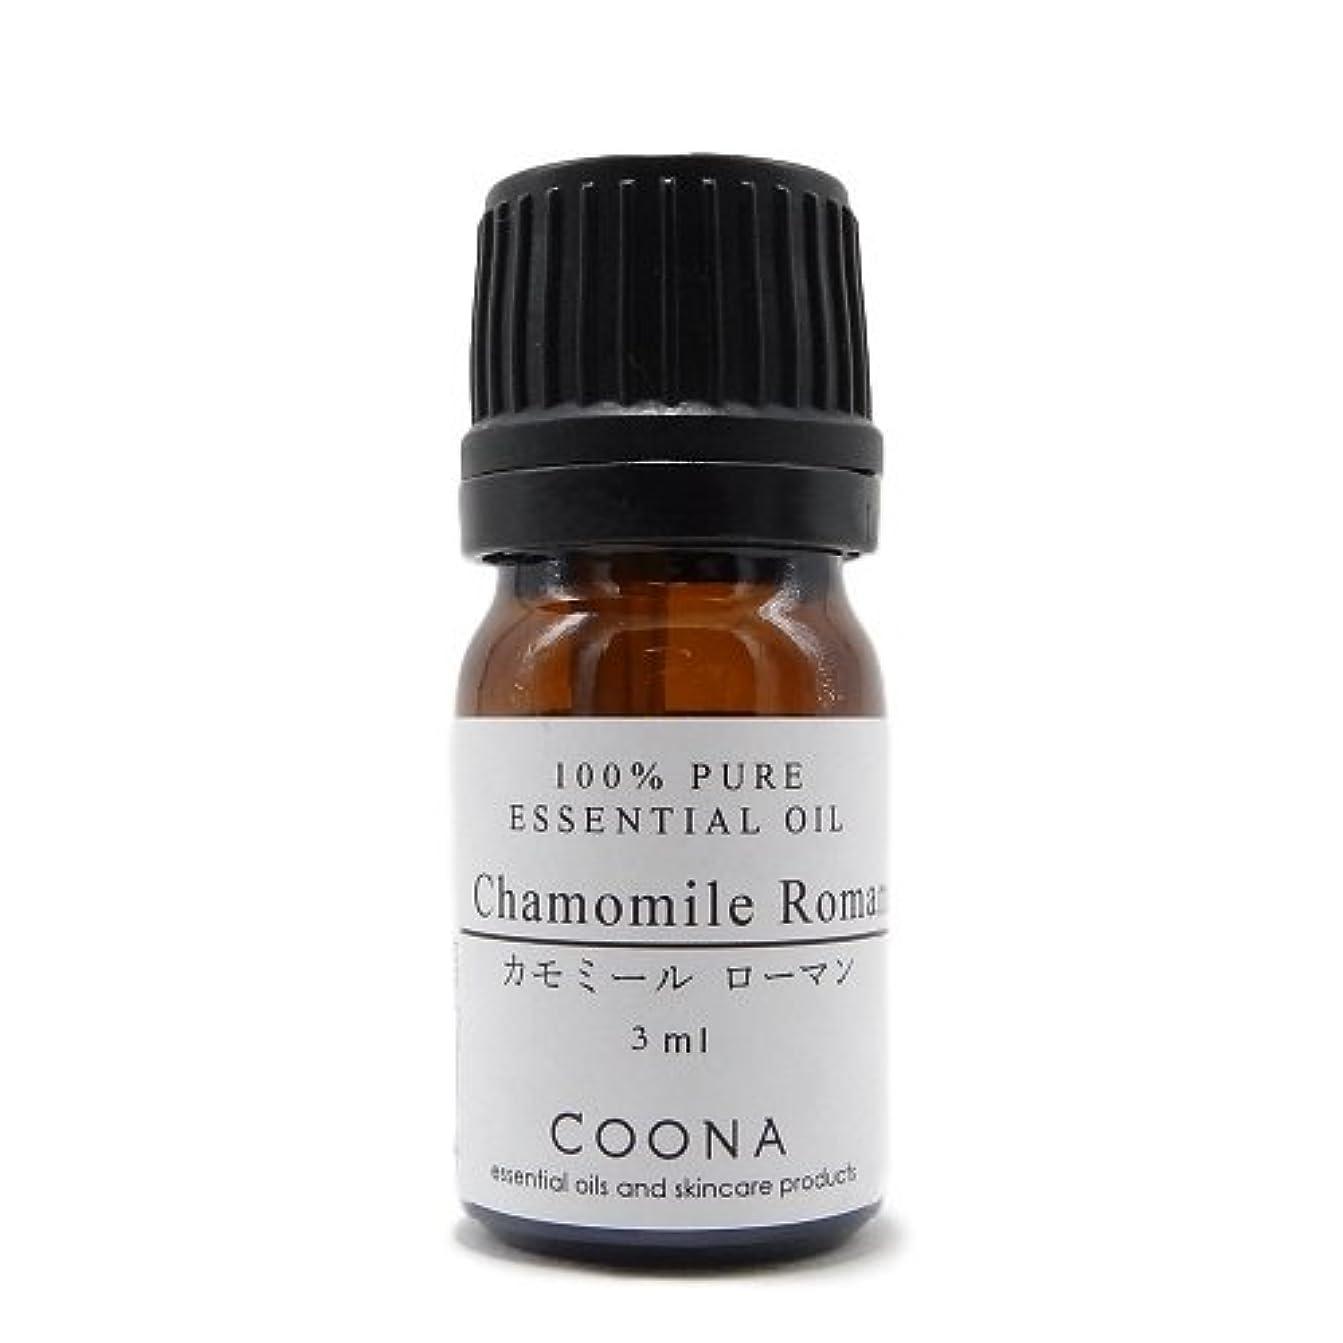 お金ゴムコンチネンタル従者カモミール ローマン 3 ml (COONA エッセンシャルオイル アロマオイル 100%天然植物精油)